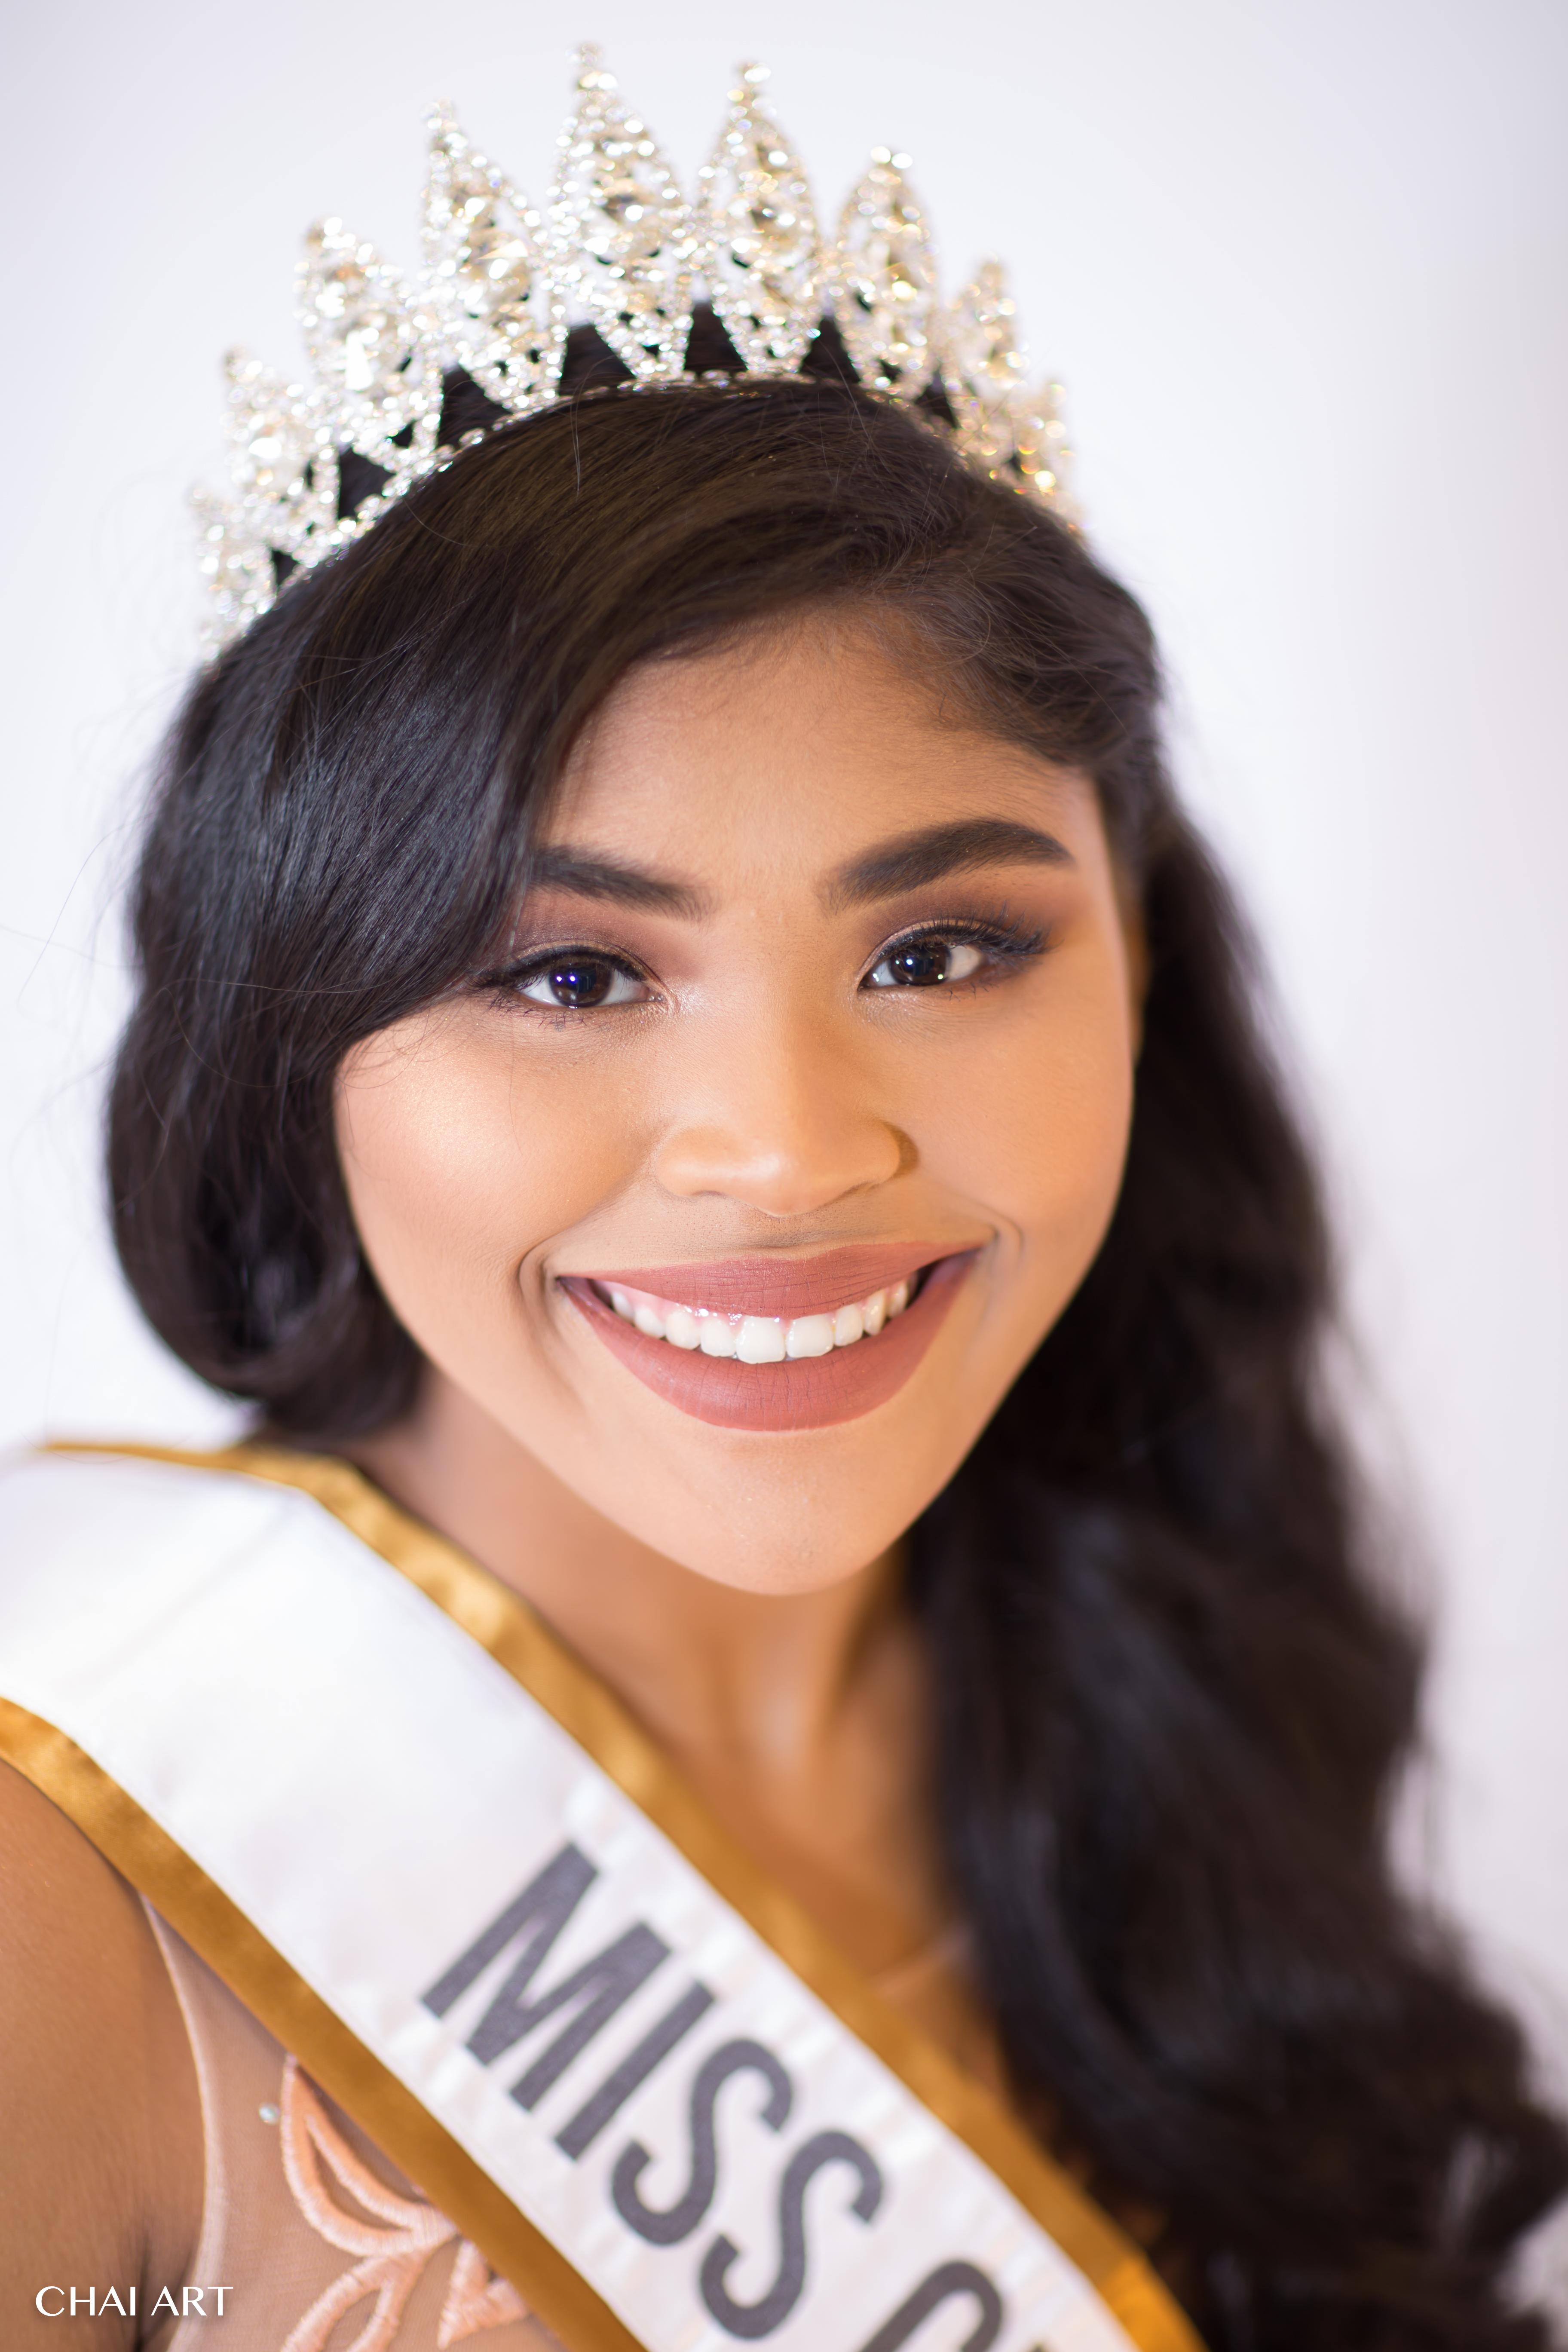 Candidatas a Miss Grand Estados Unidos de América 2017 * FINAL 25 DE JULIO - Página 2 2017-01mgtn-autumne_edited-5105